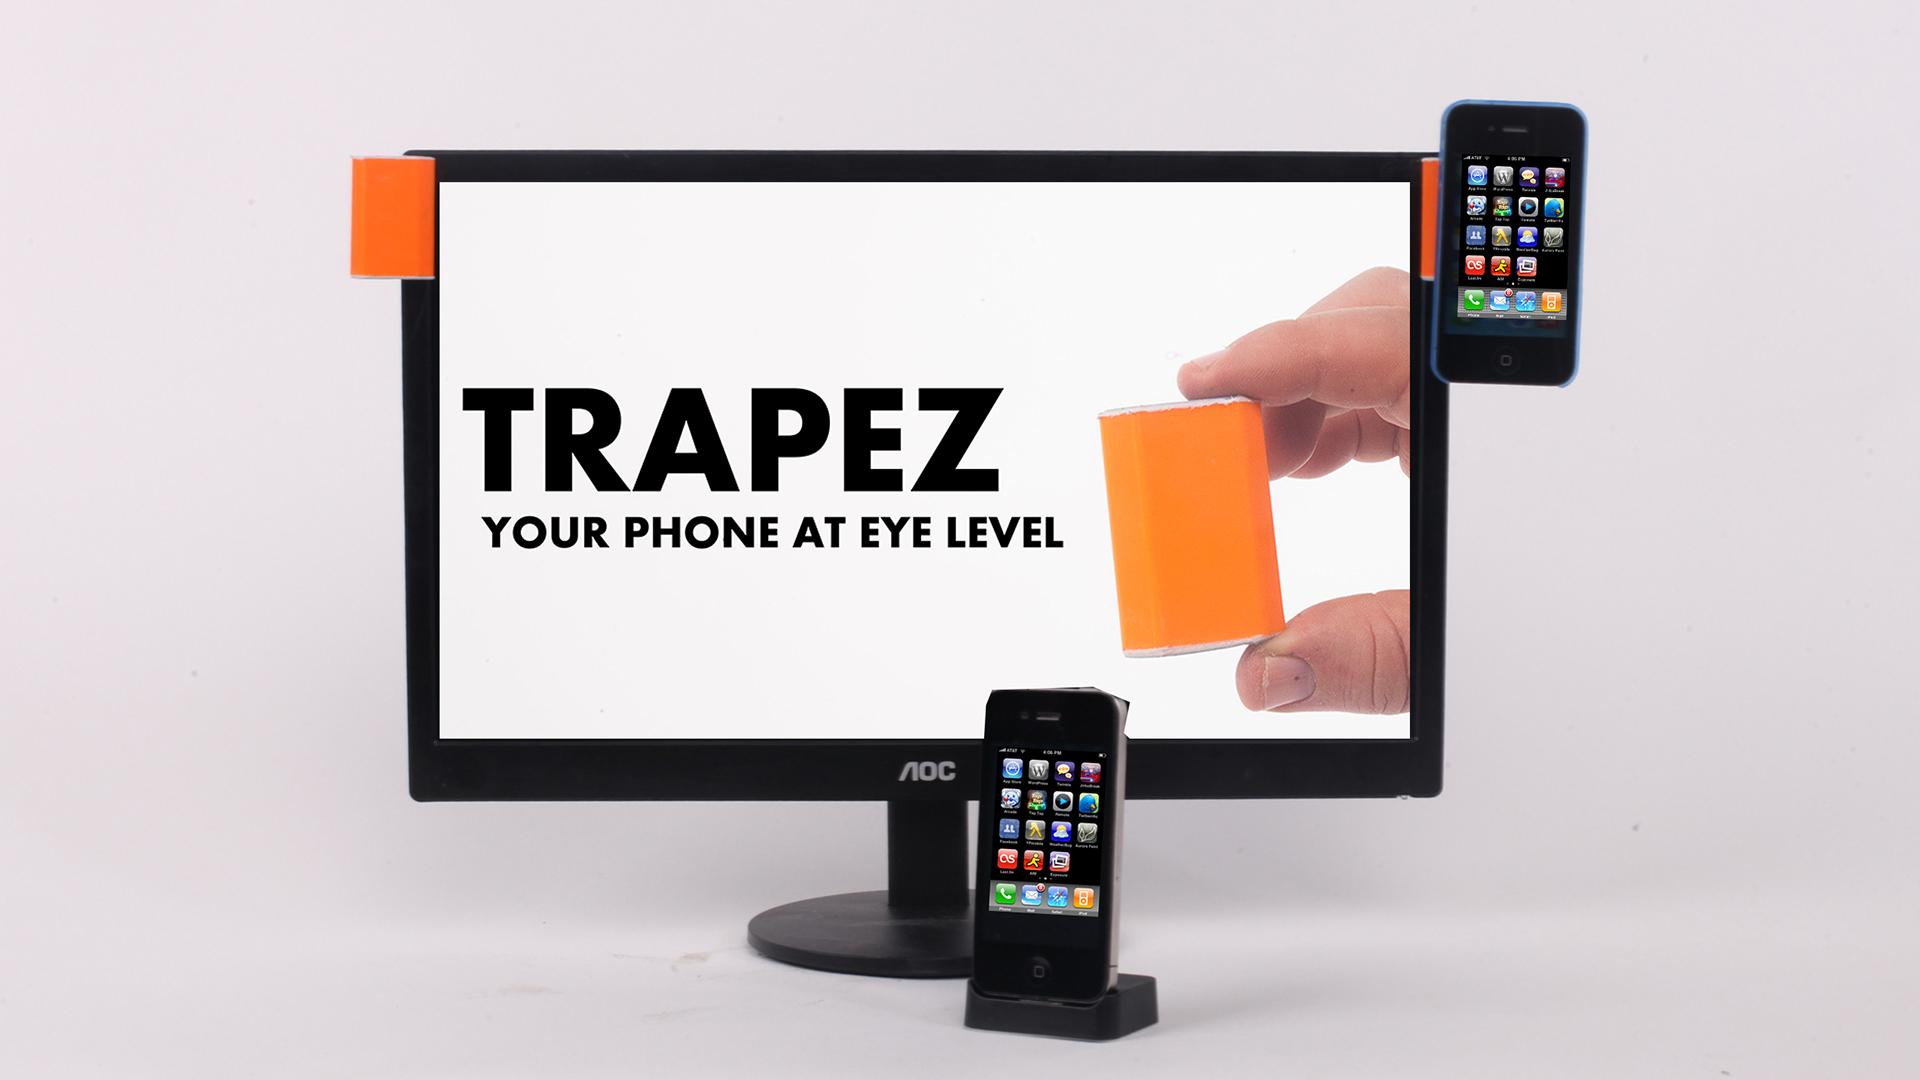 טרפז – תלה את הטלפון על מסך המחשב  וקבל את המיילים וההתראות מול העיניים